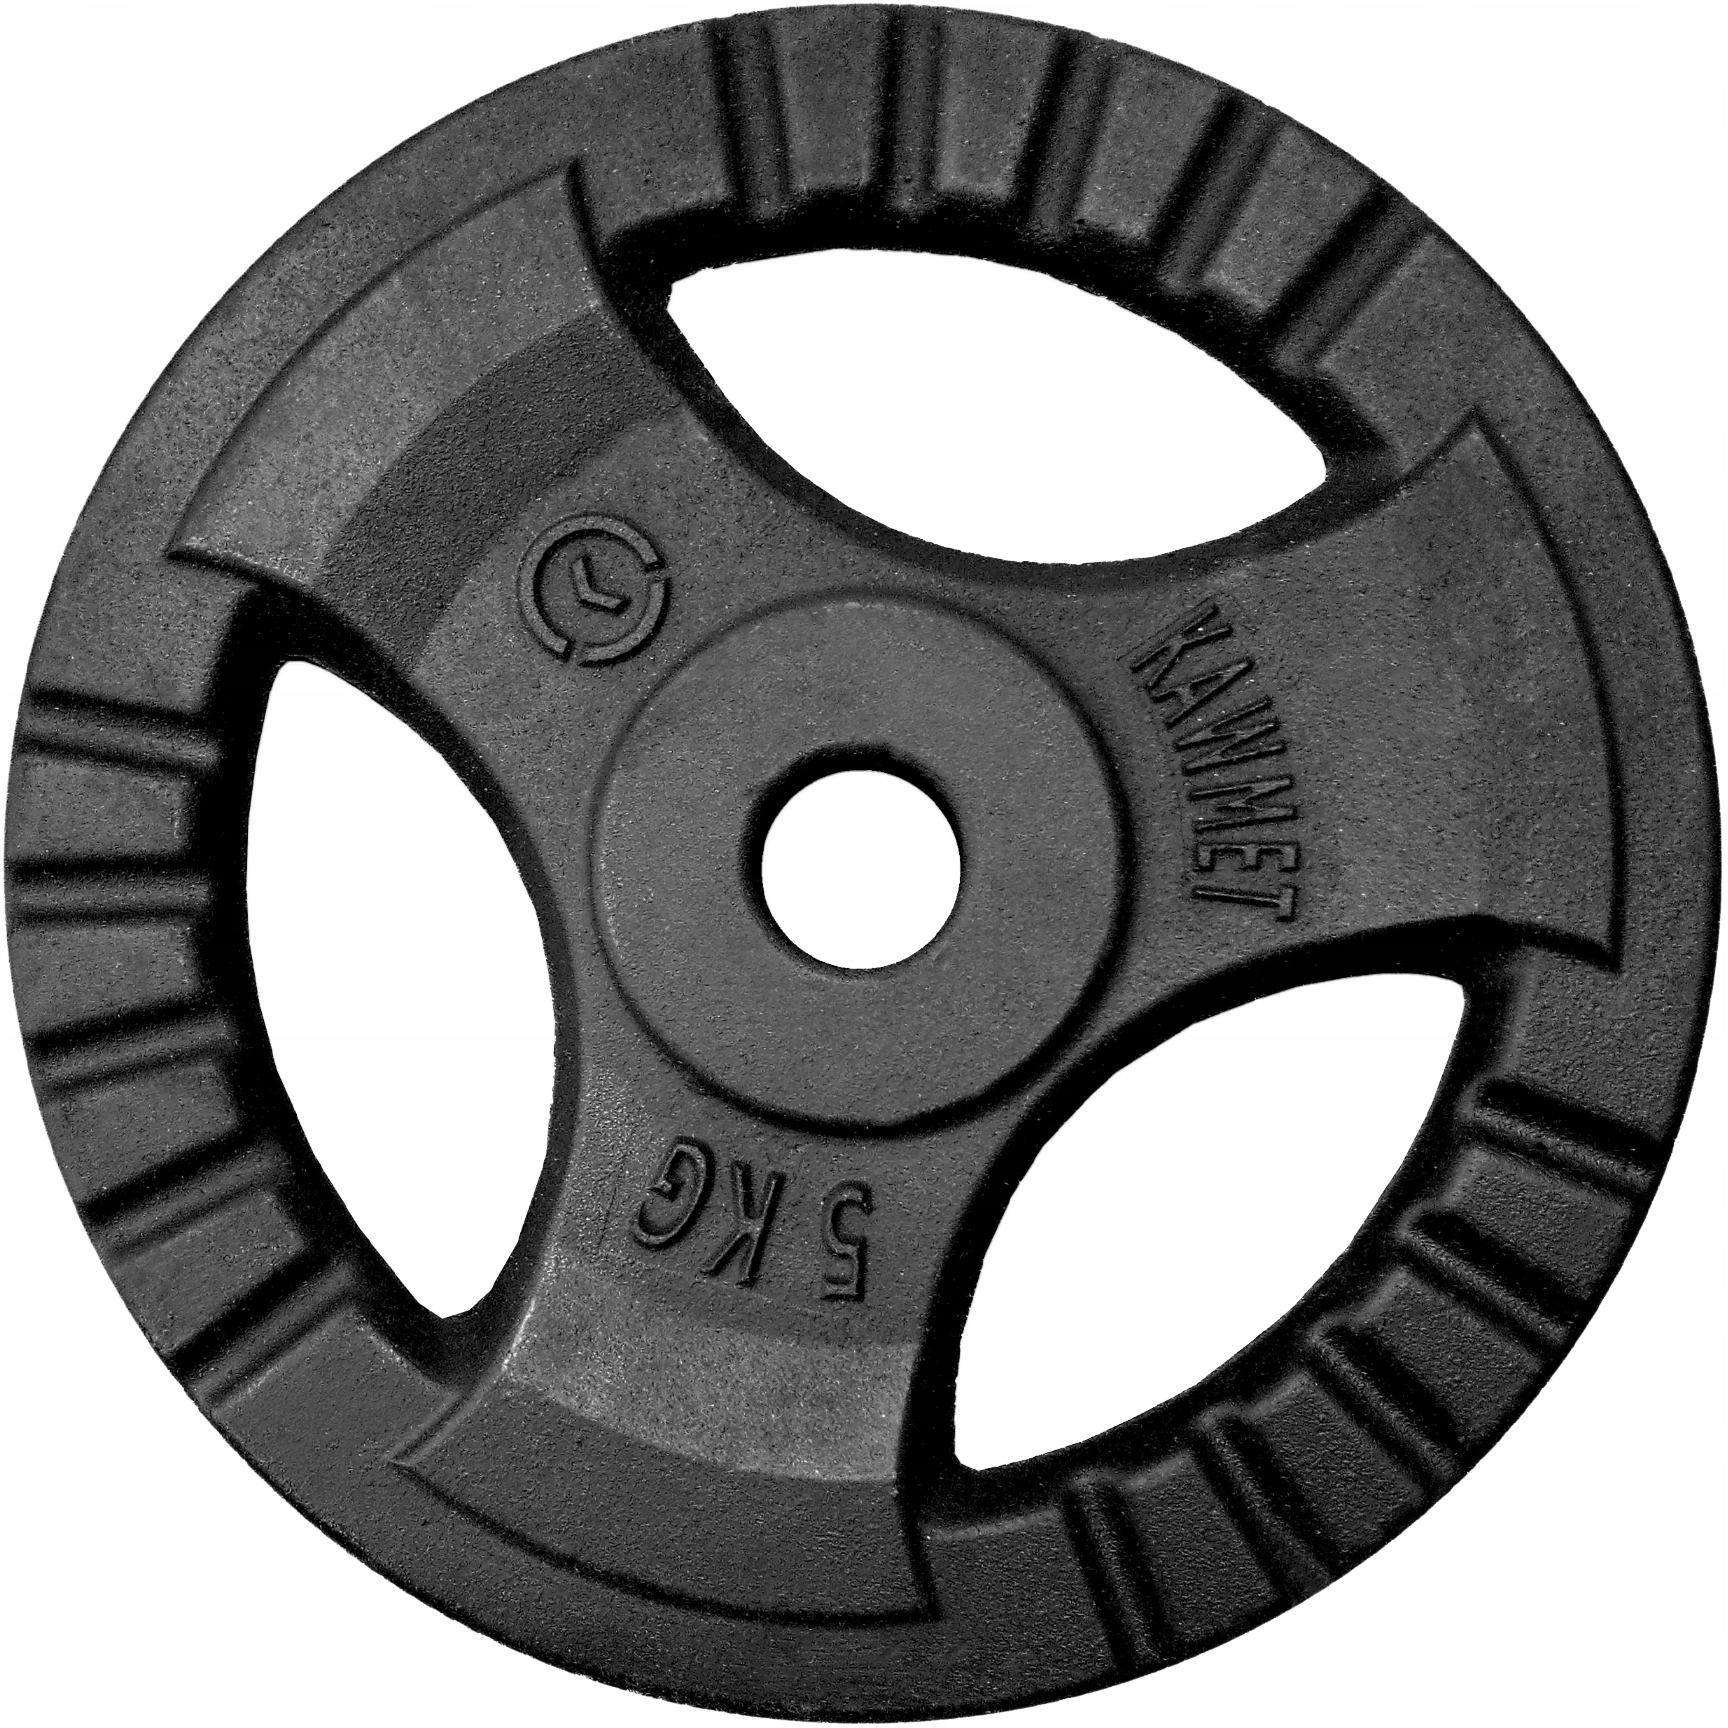 ZATIAHNUTÉ ŽELEZO ZATIAŽENIE 5 kg disk, plech, volant